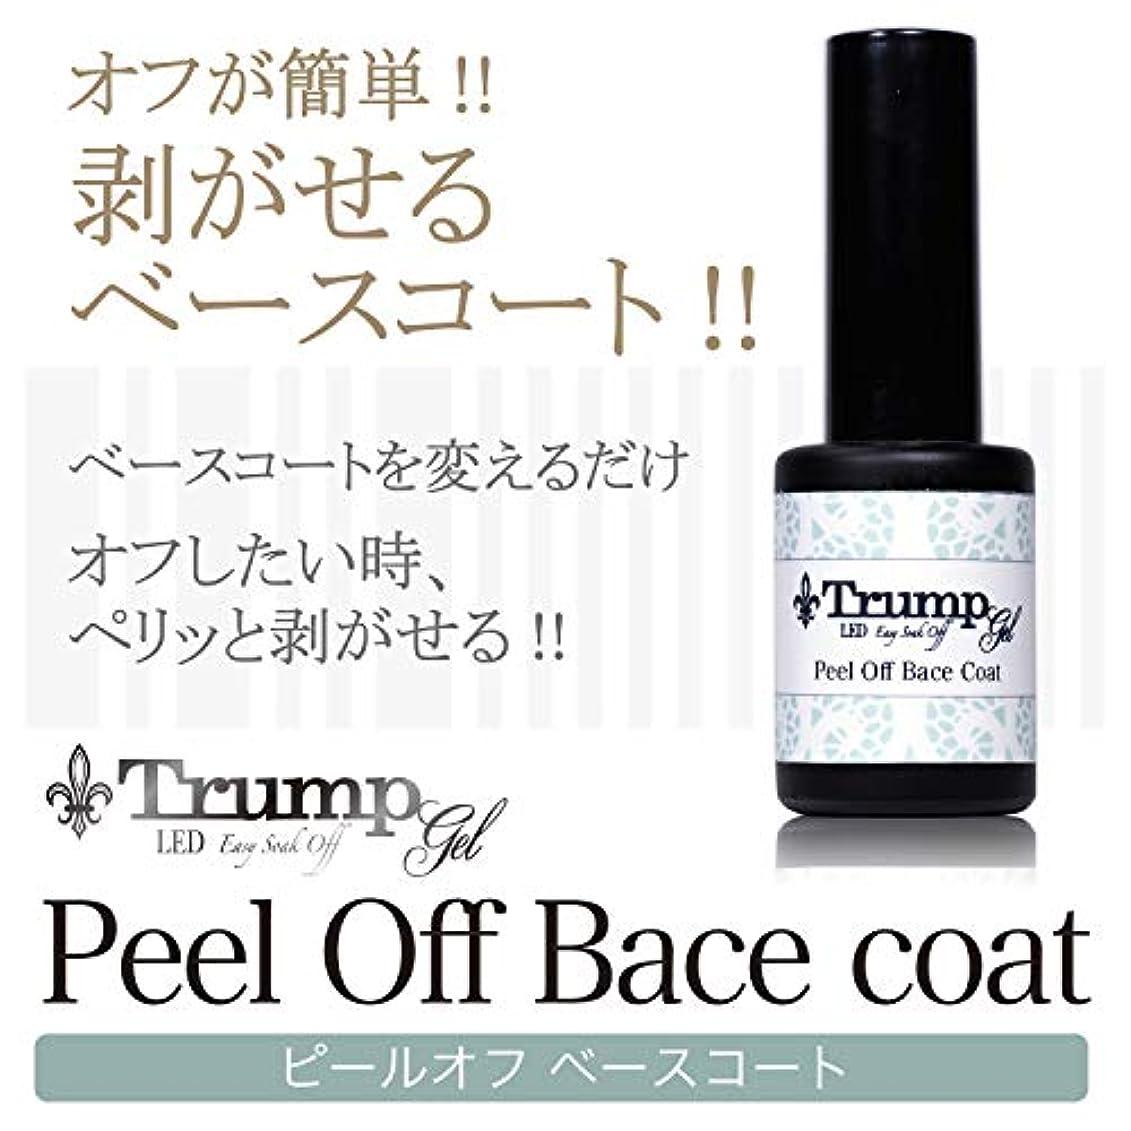 なだめる絞る周術期【日本製】Trump Gel ジェルネイルUV LED 剥がせるピールオフベースジェル大容量10g